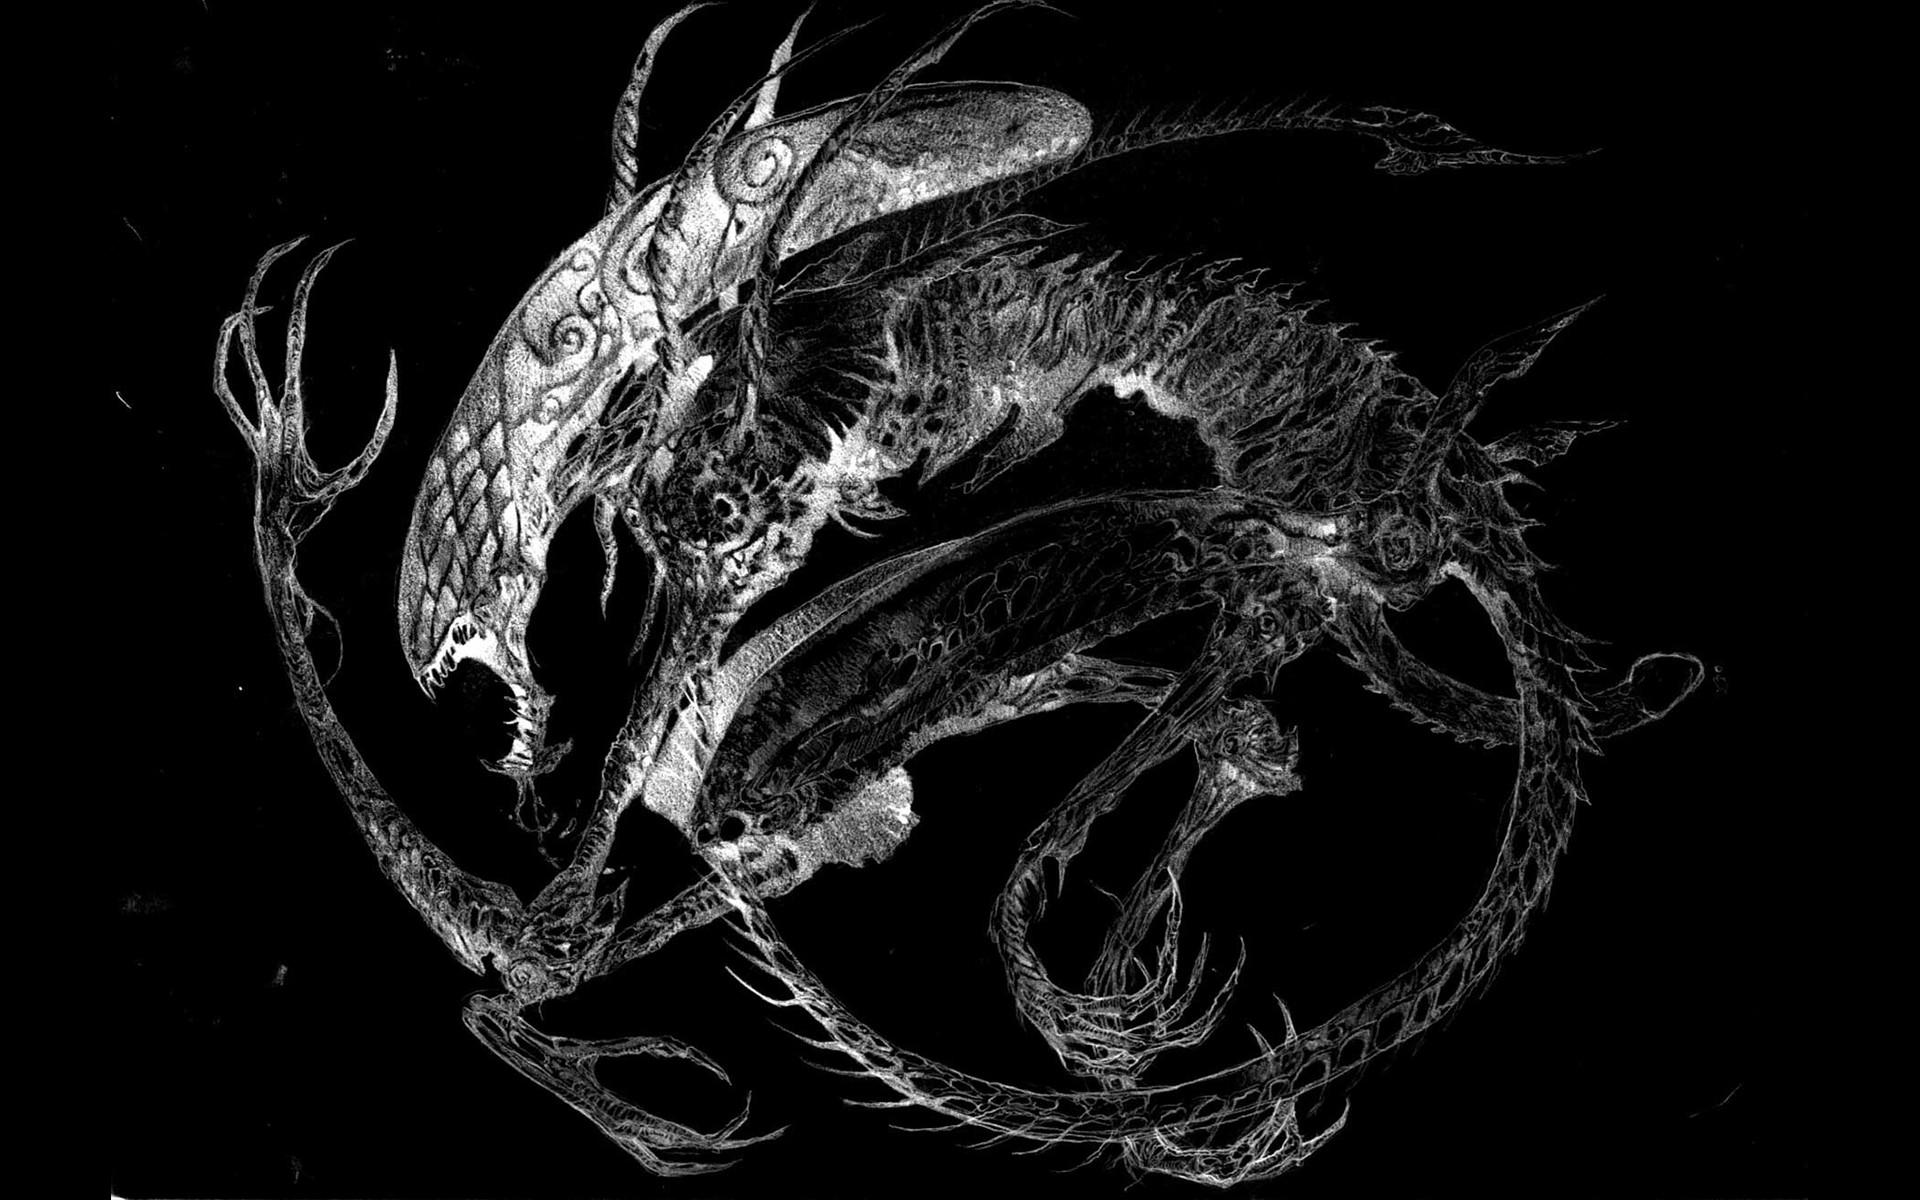 movies xenomorph science fiction alien fan art black